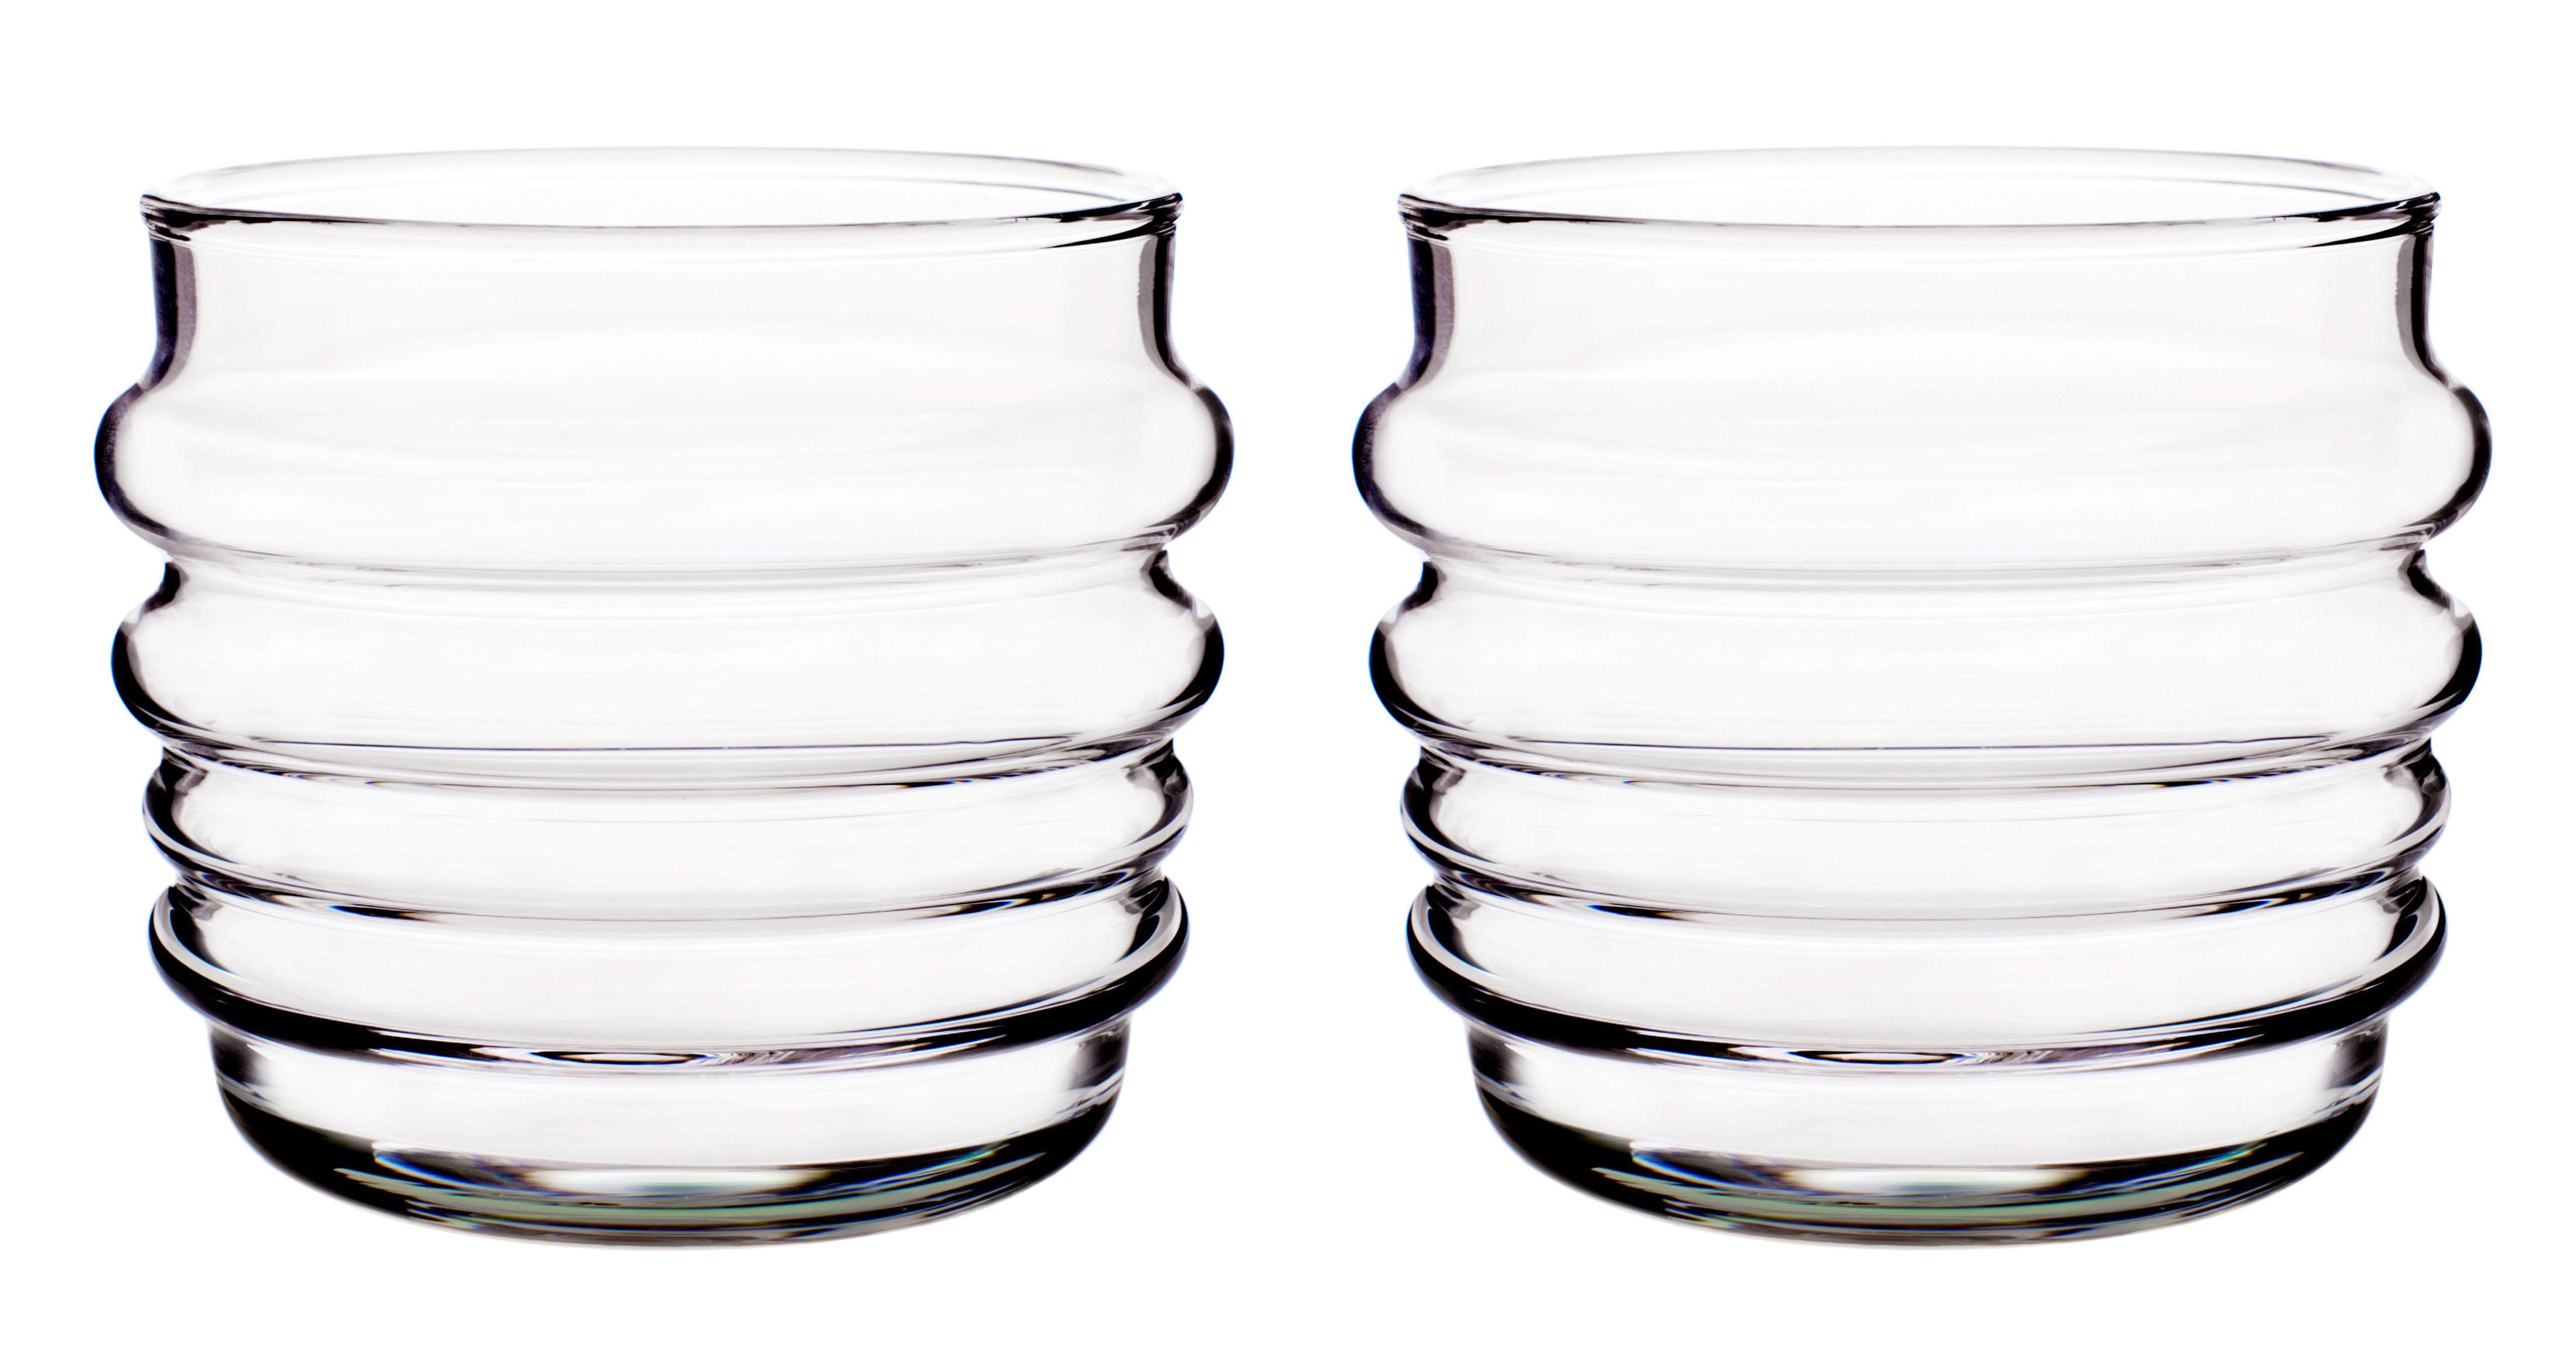 Arts de la table - Verres  - Gobelet Sukat Makkaralla / Set de 2 - Marimekko - Sukat Makkaralla / Transparent - Verre soufflé bouche